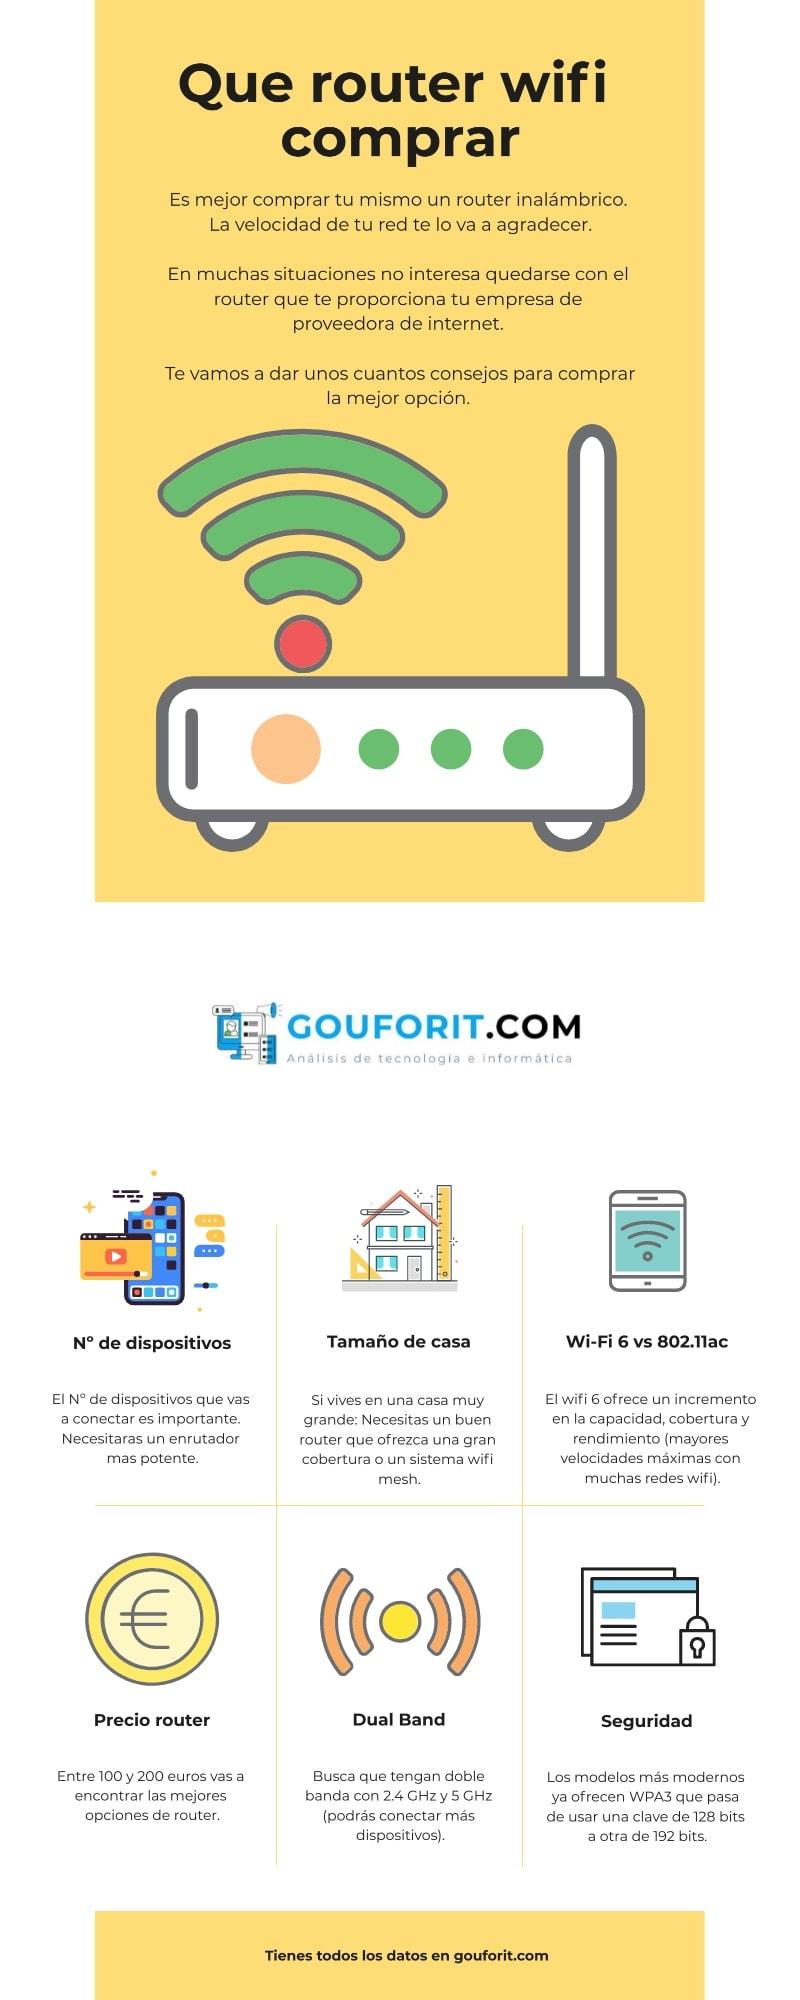 ¿Qué debemos buscar en un buen rúter inalámbrico? Que router comprar (infografia)